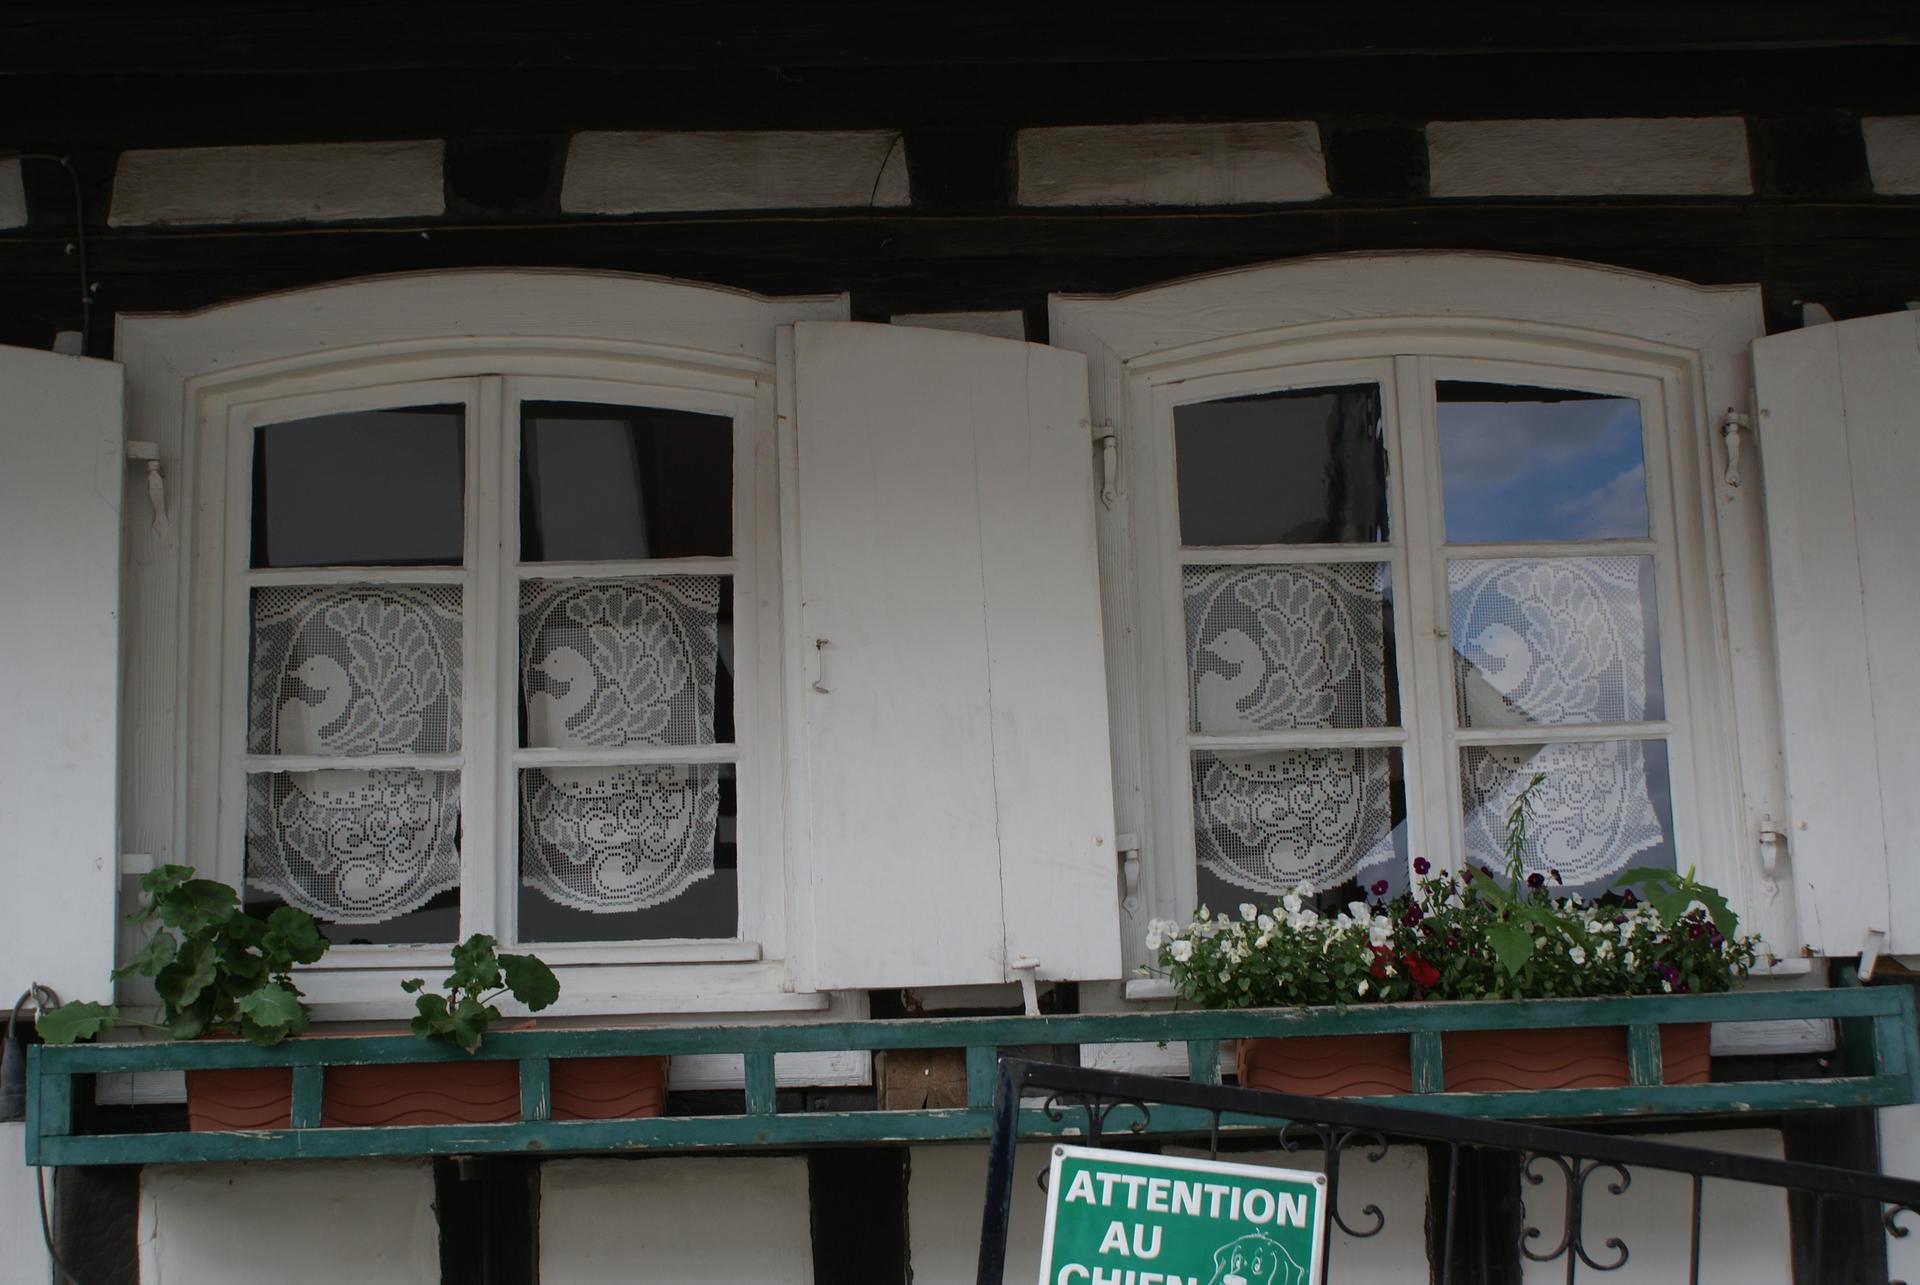 Full Size of Fenster Rc3 Maße Folie Für Schüco Online Konfigurator Braun Kaufen Sonnenschutz Außen Folien Pvc Wärmeschutzfolie Winkhaus Schüko Einbauen Flachdach Fenster Fenster Austauschen